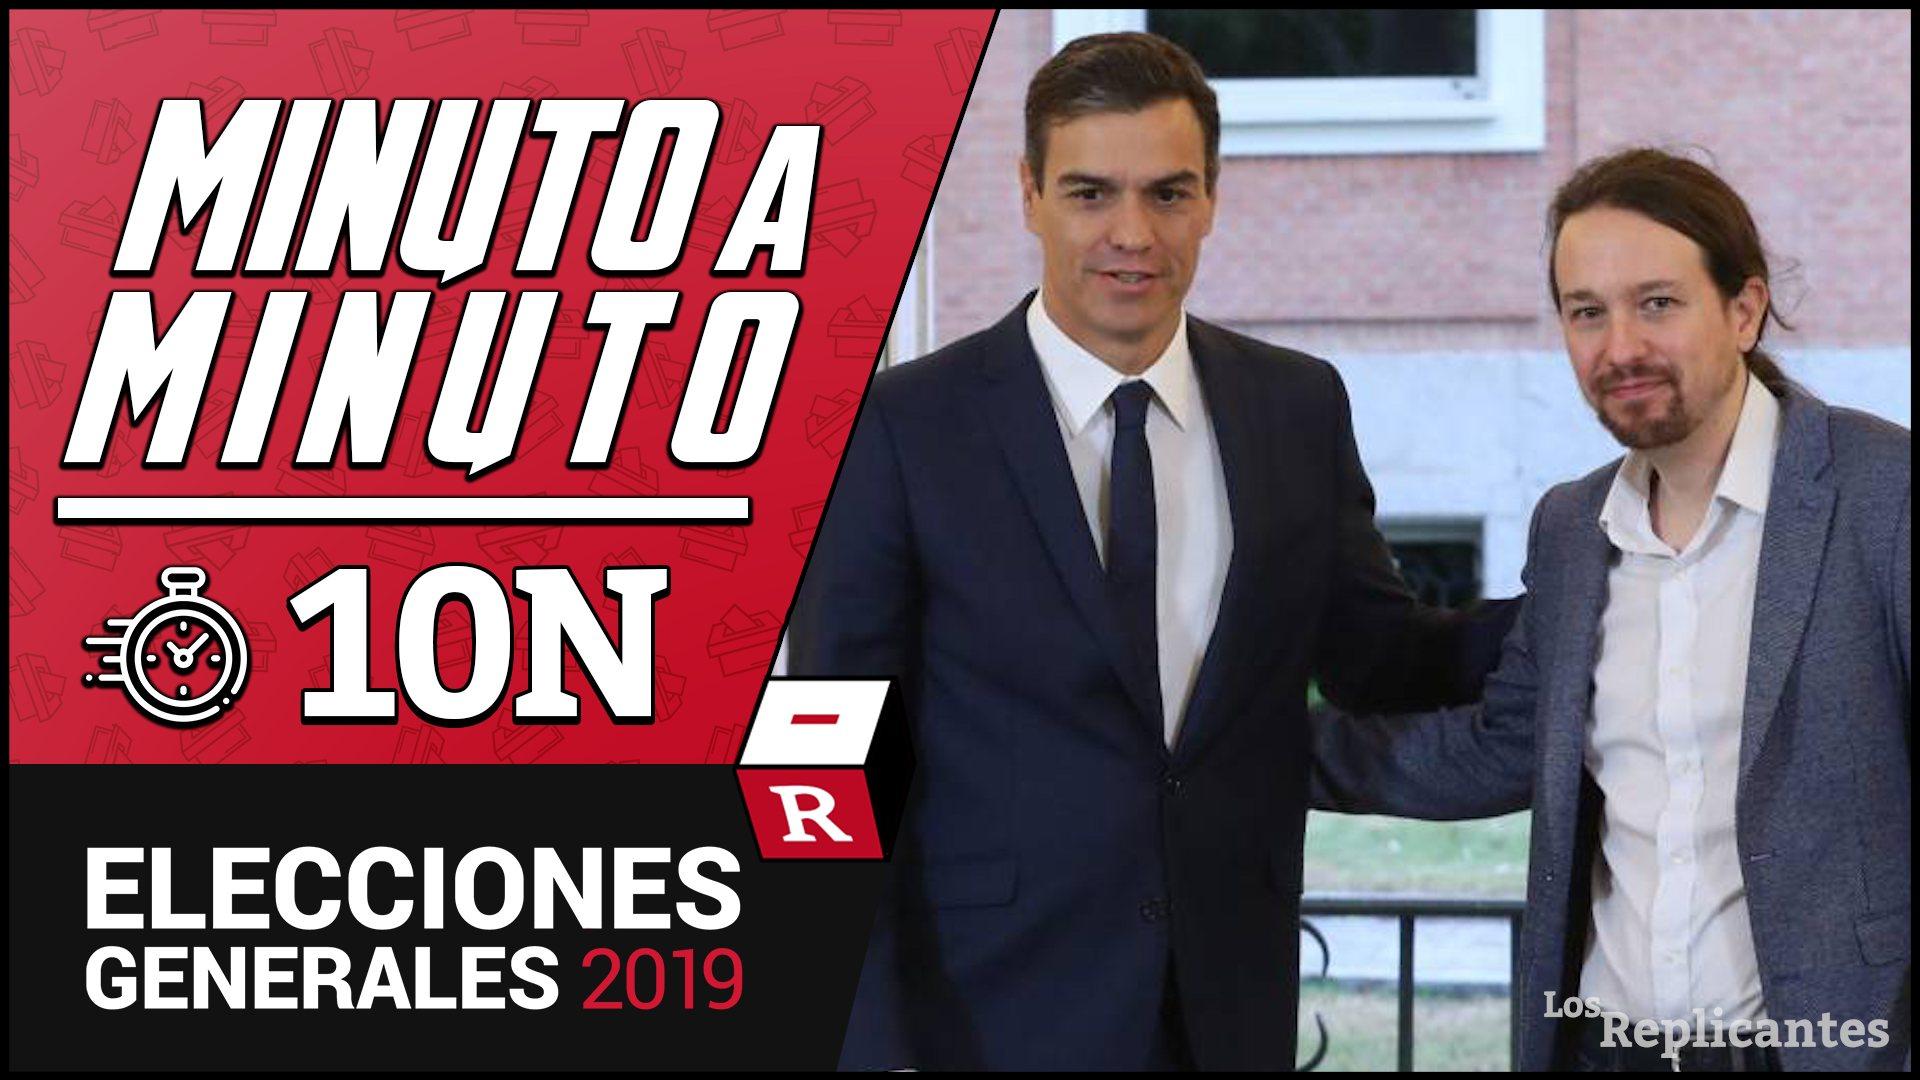 81,75% escrutado: PSOE (122), PP (85), VOX (53), UP (35), ERC (13), Cs (10), JxCAT (8), PNV (7), EH Bildu (5), Más País (3), CCa-NC (2), CUP (2)